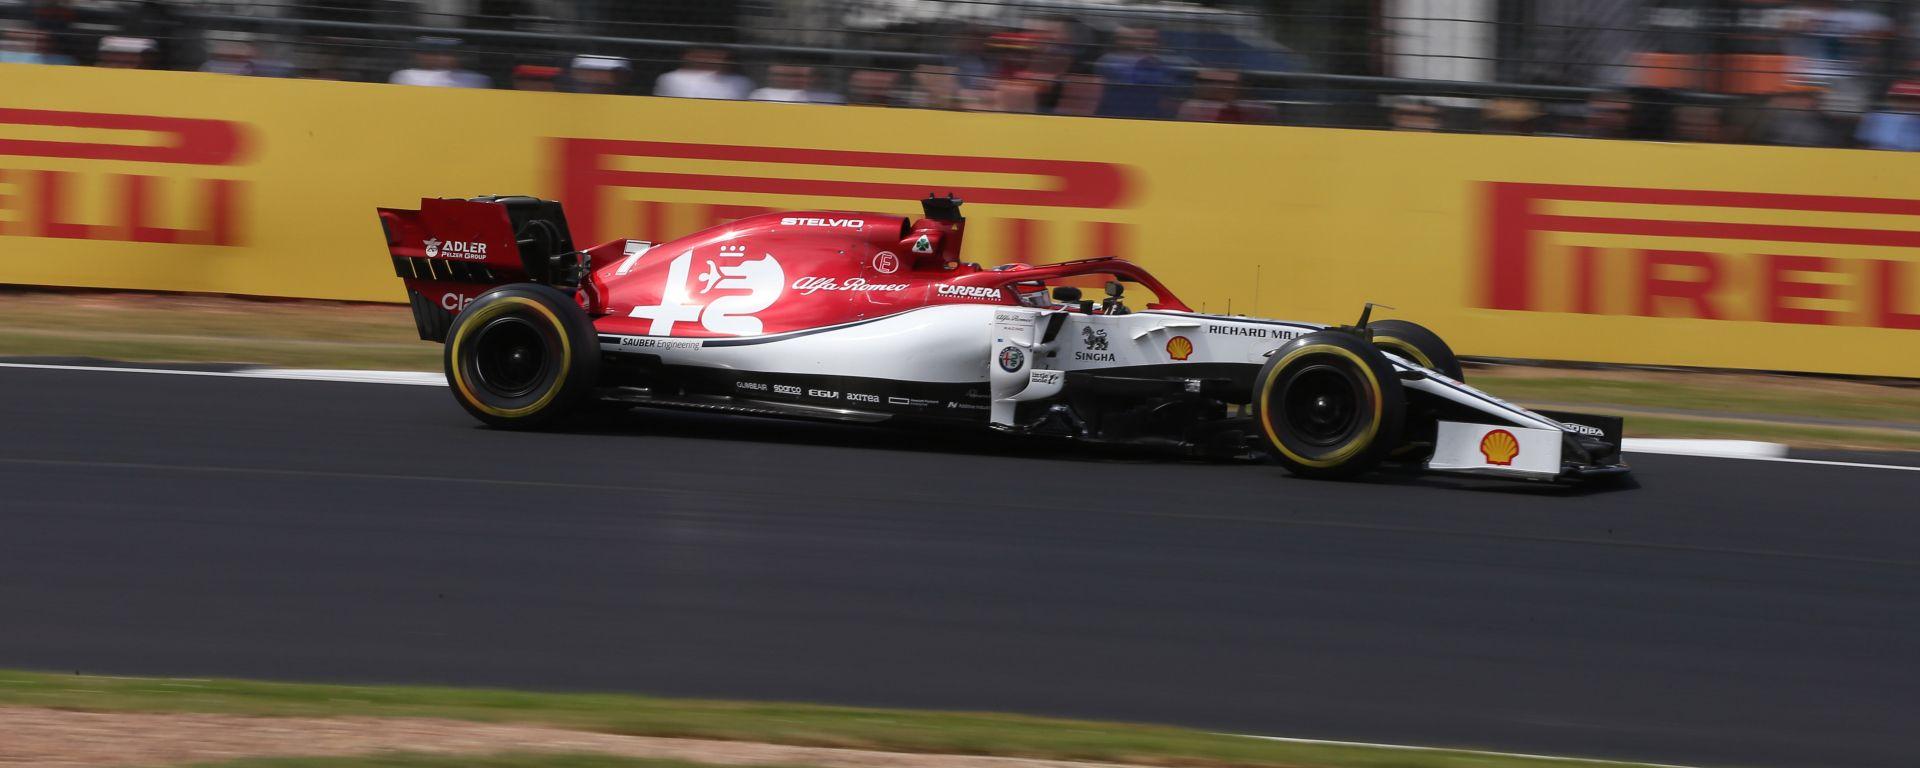 F1 2019, l'Alfa Romeo si trova attualmente in nona posizione in classifica costruttori (a pari punti con Haas)